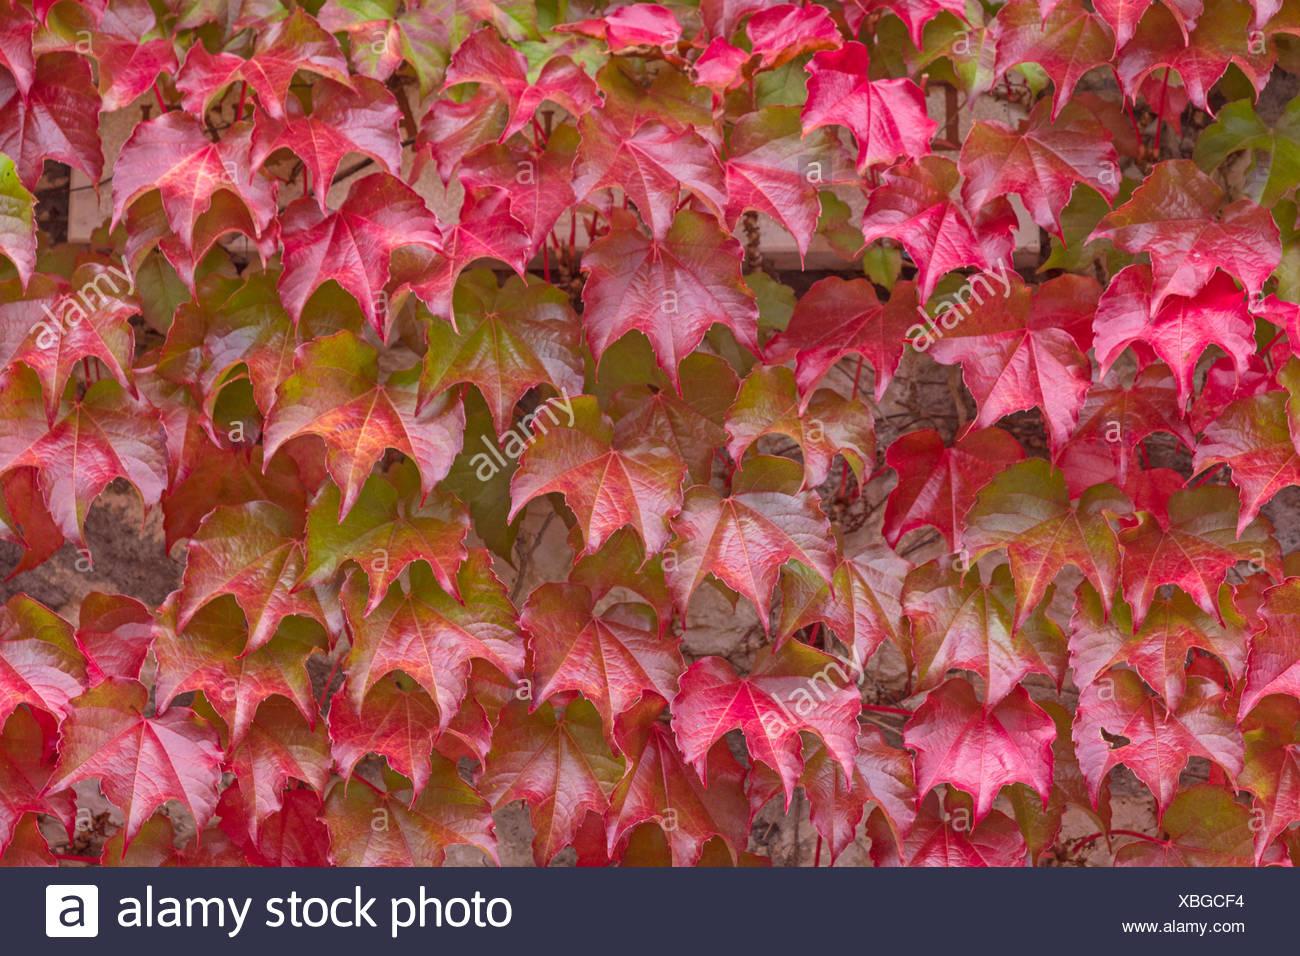 Hintergrundbild Herbstlich Gefarbter Wilder Wein Stock Photo Alamy